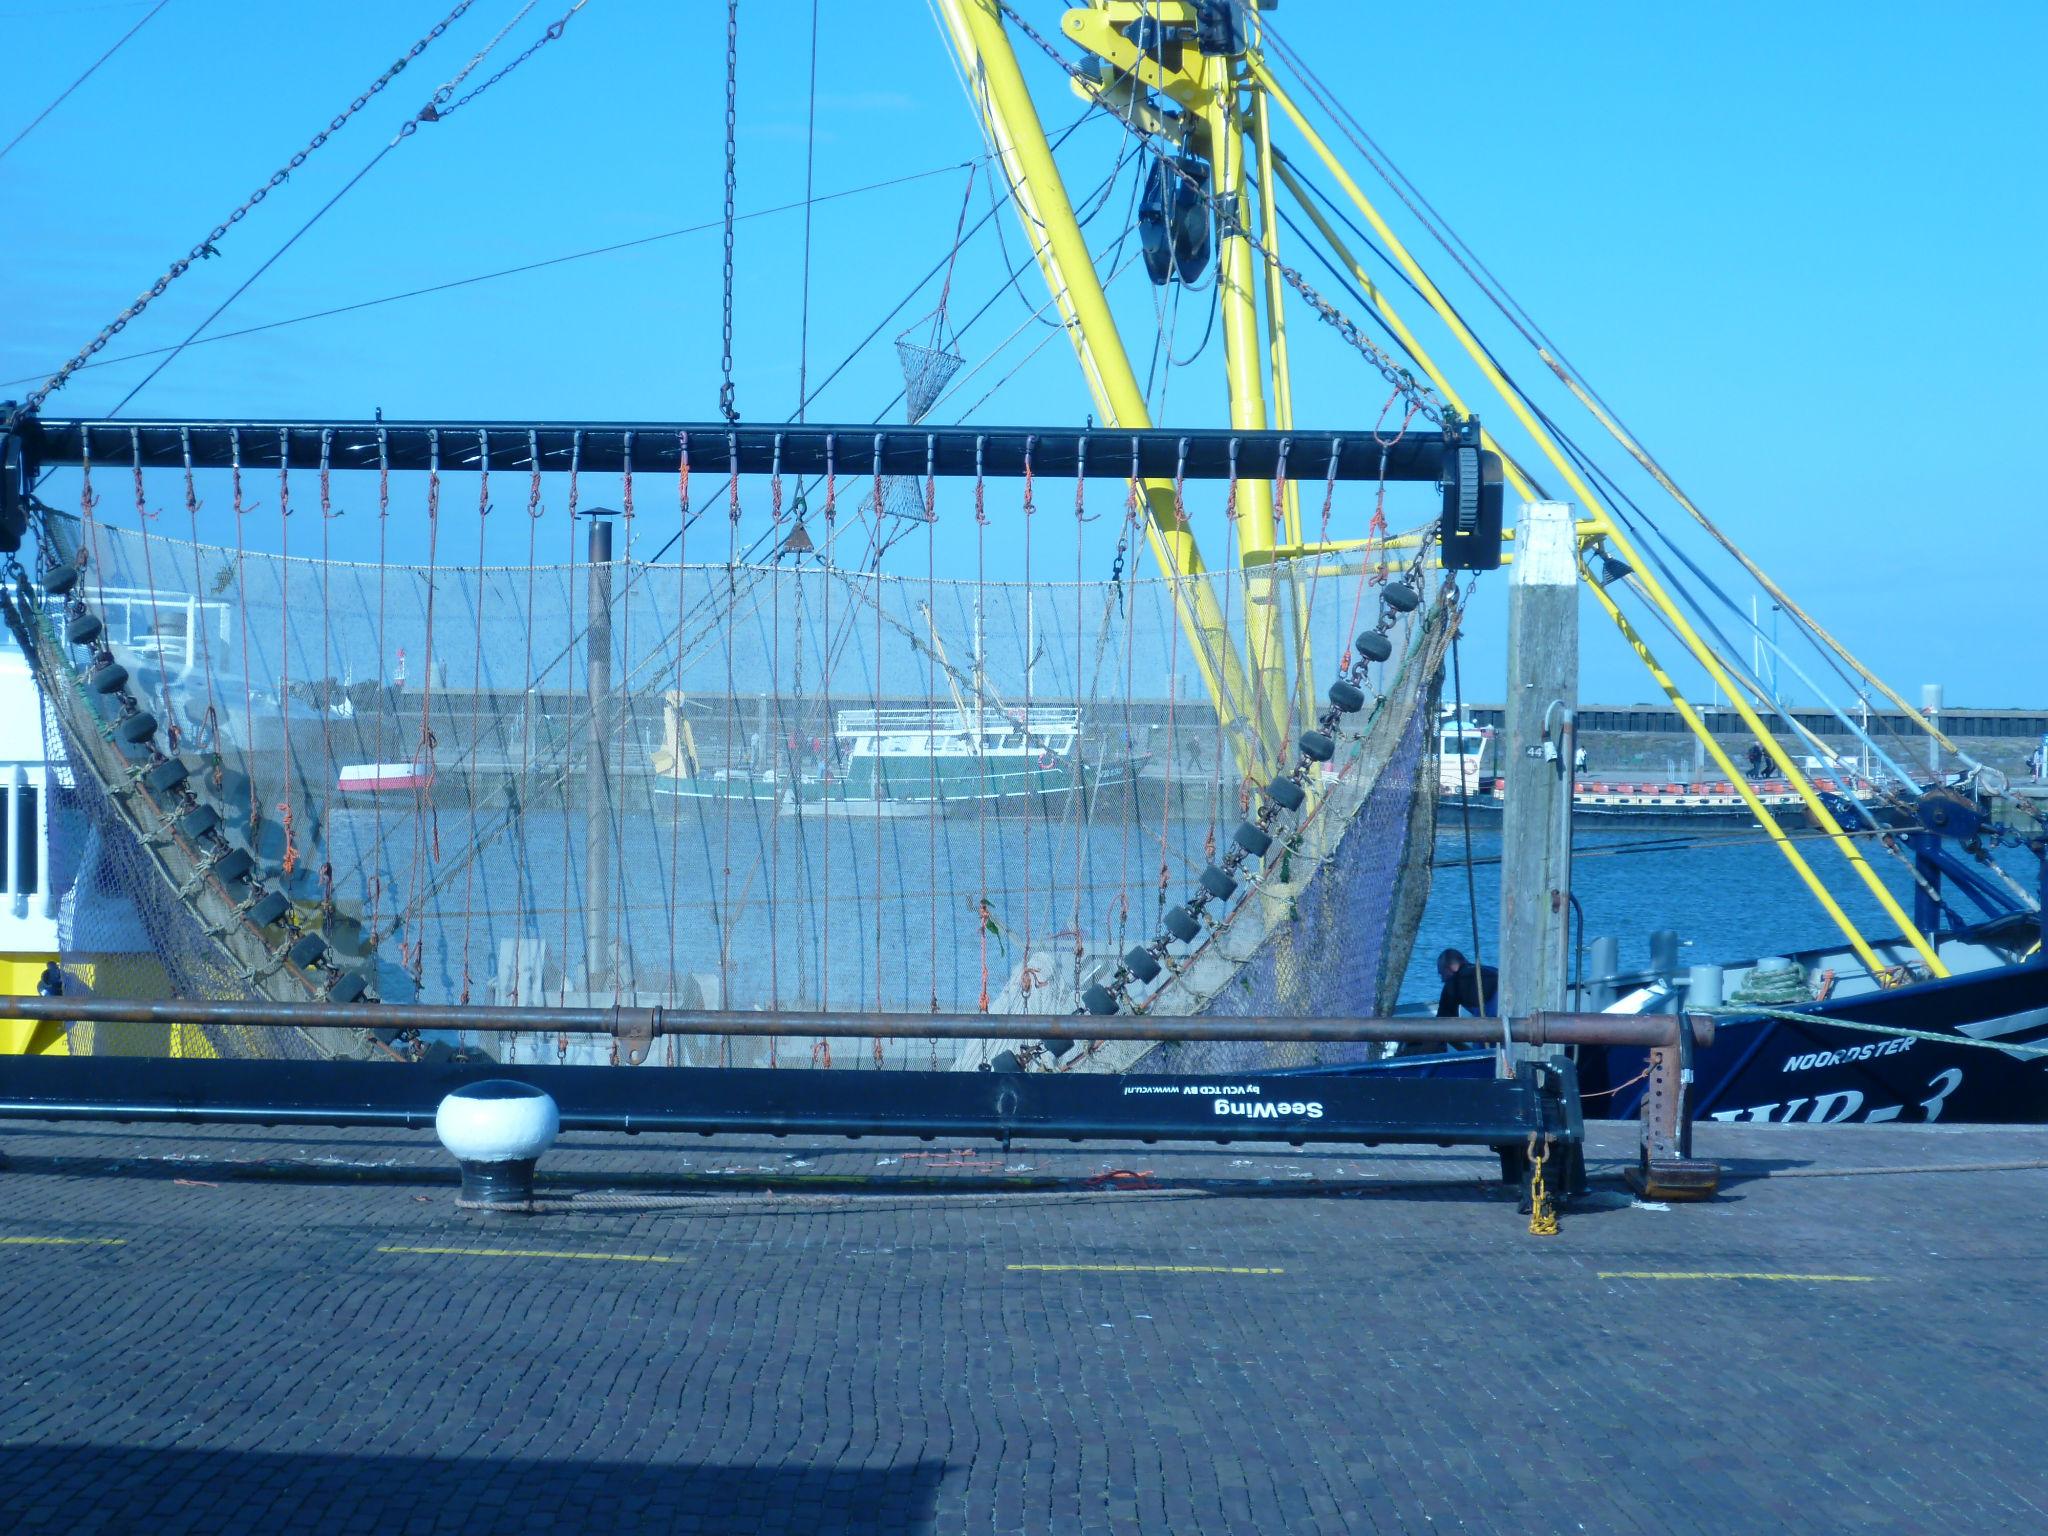 Kabinet stelt € 15 miljoen beschikbaar voor innovatie in de visserij